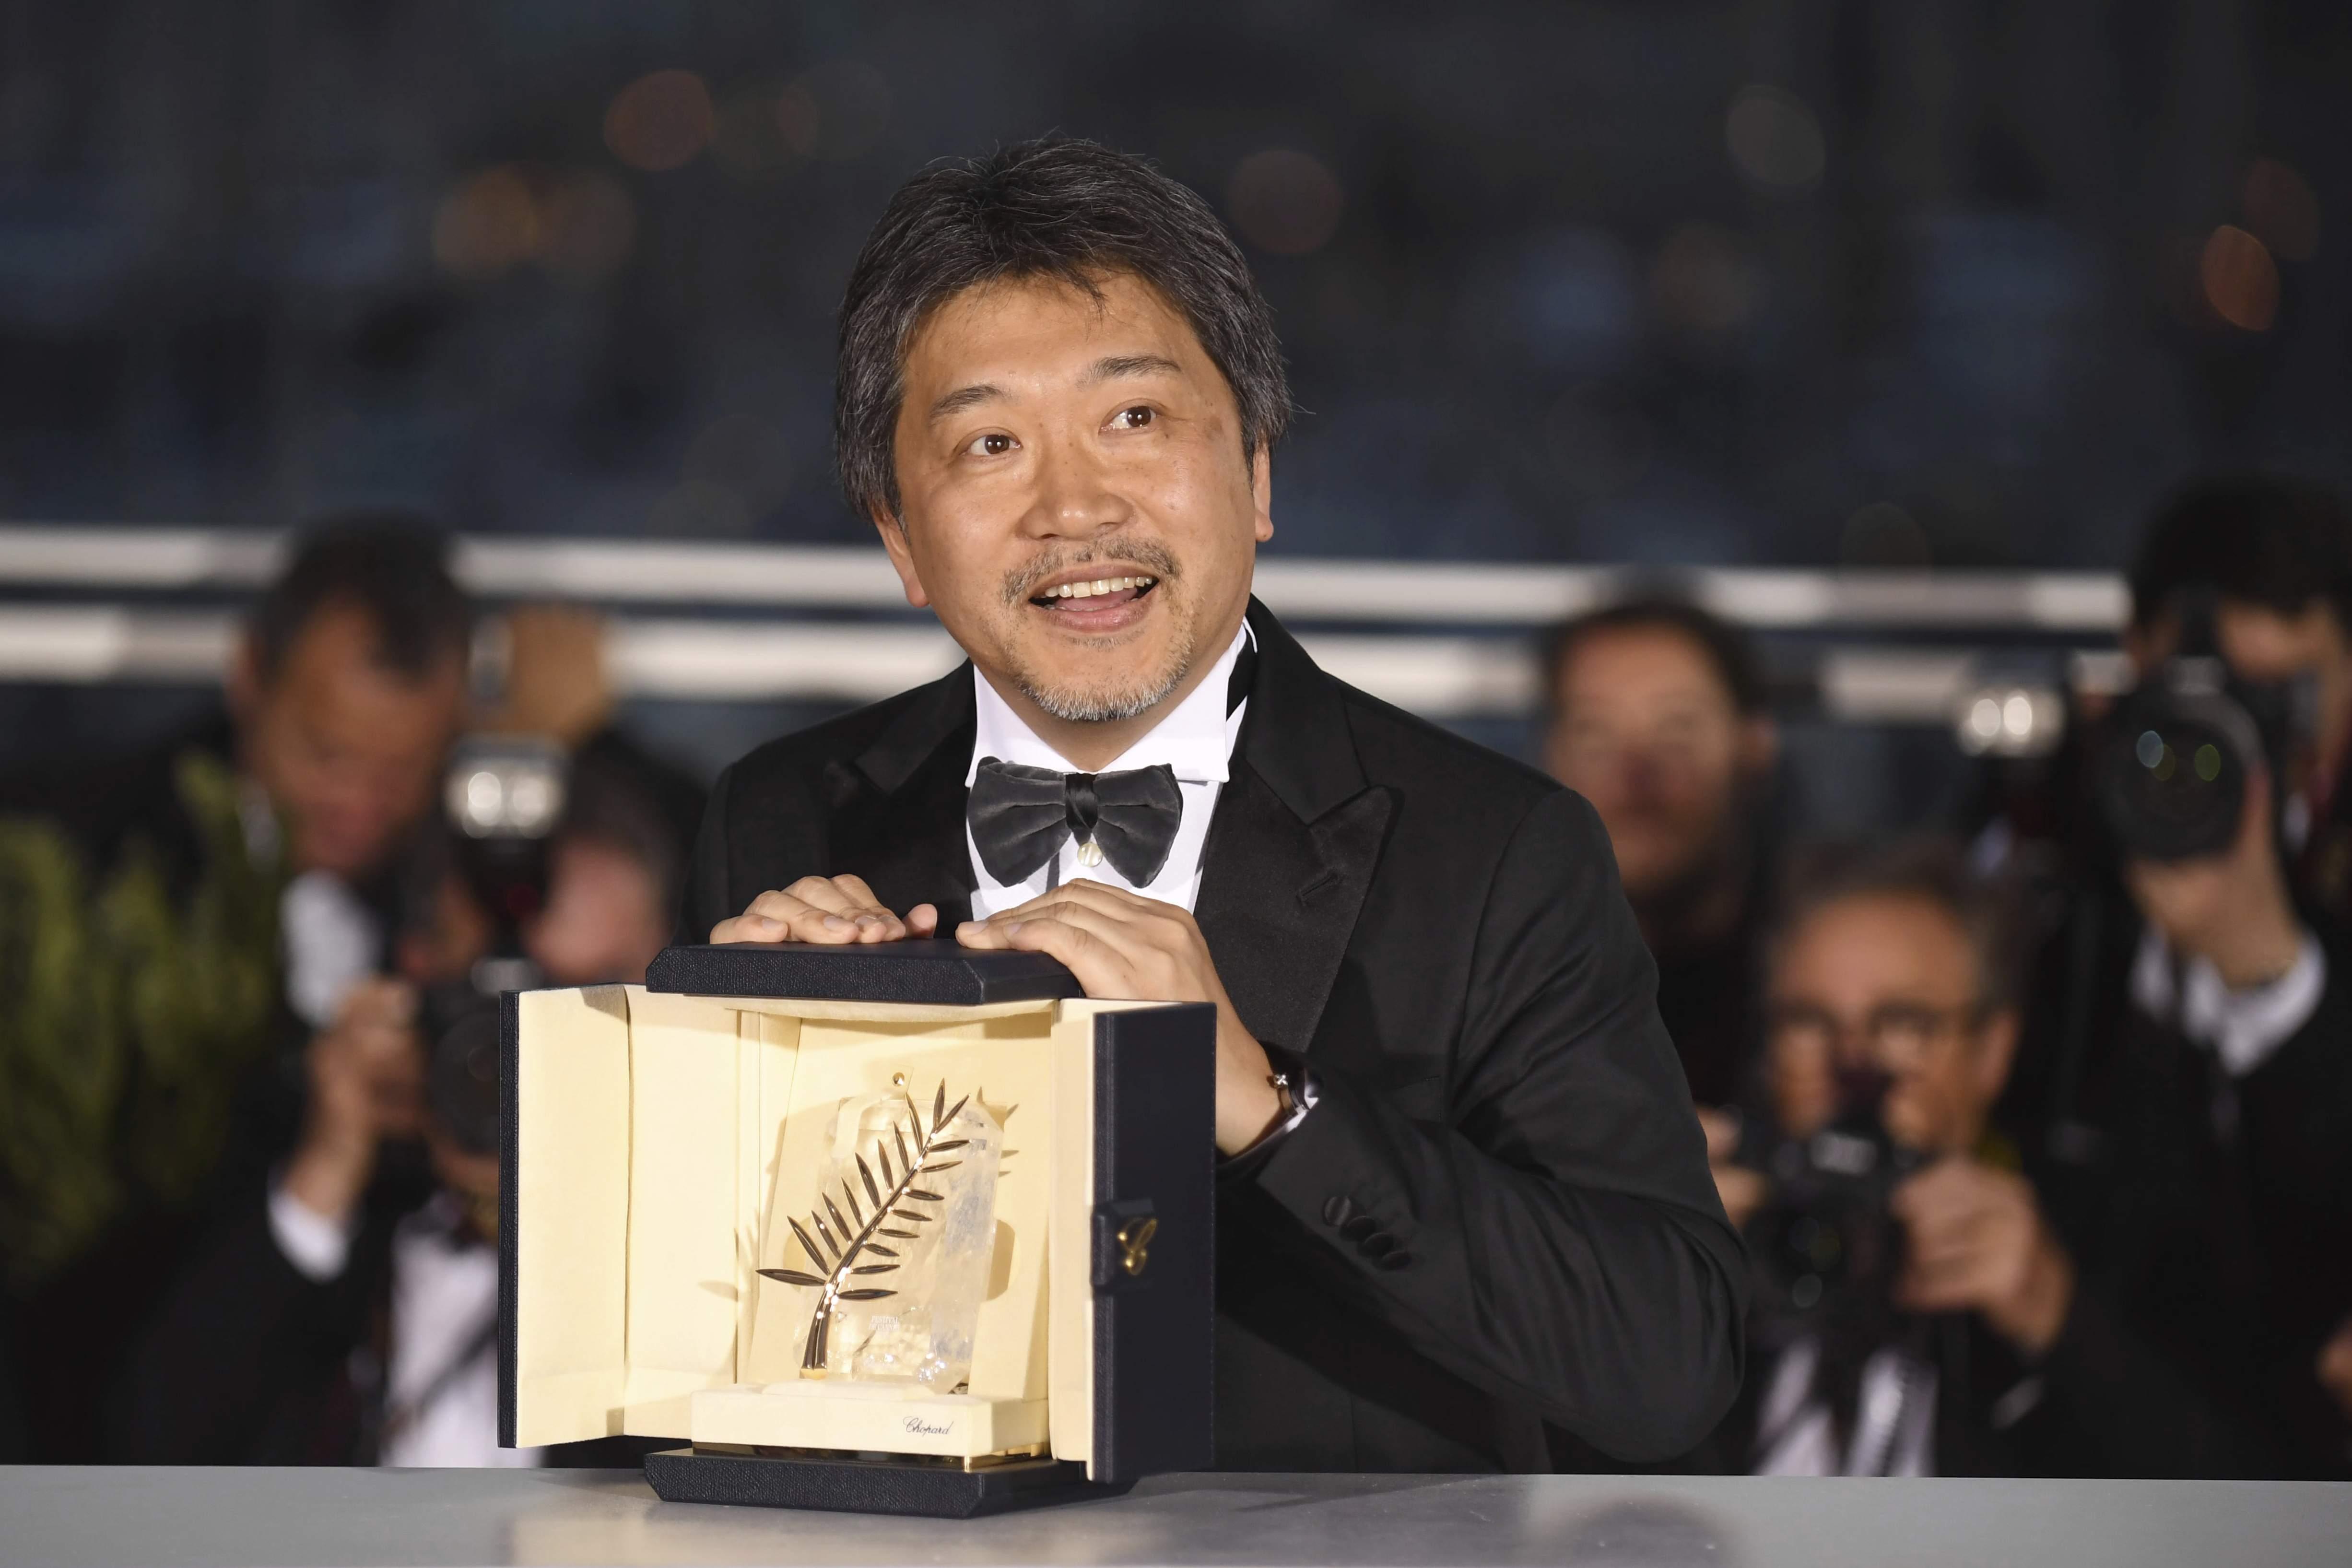 Sau hơn 2 thập niên, phim Nhật Bản lại giành giải thưởng cao nhất- giải Cành cọ vàng với bộ phim Shoplifters (Những kẻ trộm vặt) của đạo diễn Kore Eda. Bộ phim kể về một gia đình nghèo khổ nhưng chứa chan tình người, làm lay động cảm xúc của người xem. Trong ảnh: đạo diễn Kore Eda phát biểu tại đêm trao giải.